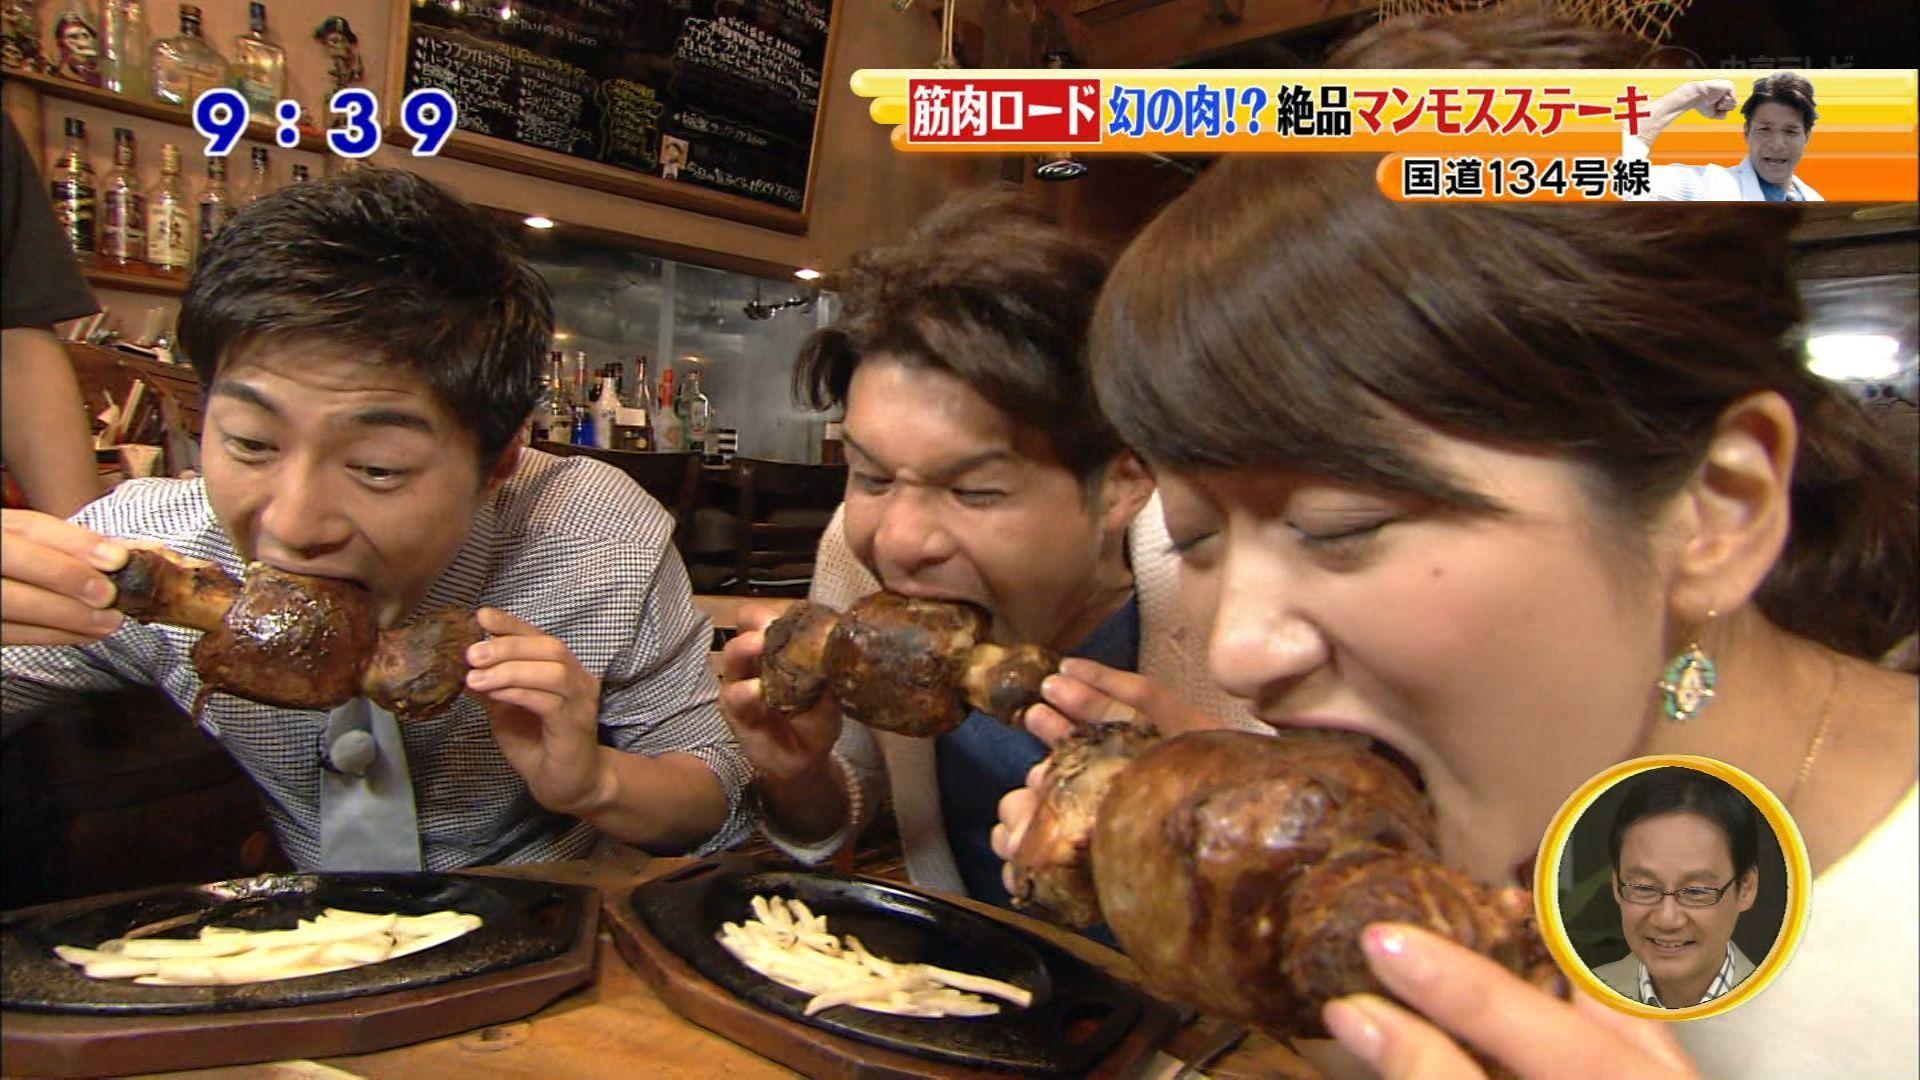 笹崎里菜のパンツ丸出しエロ画像